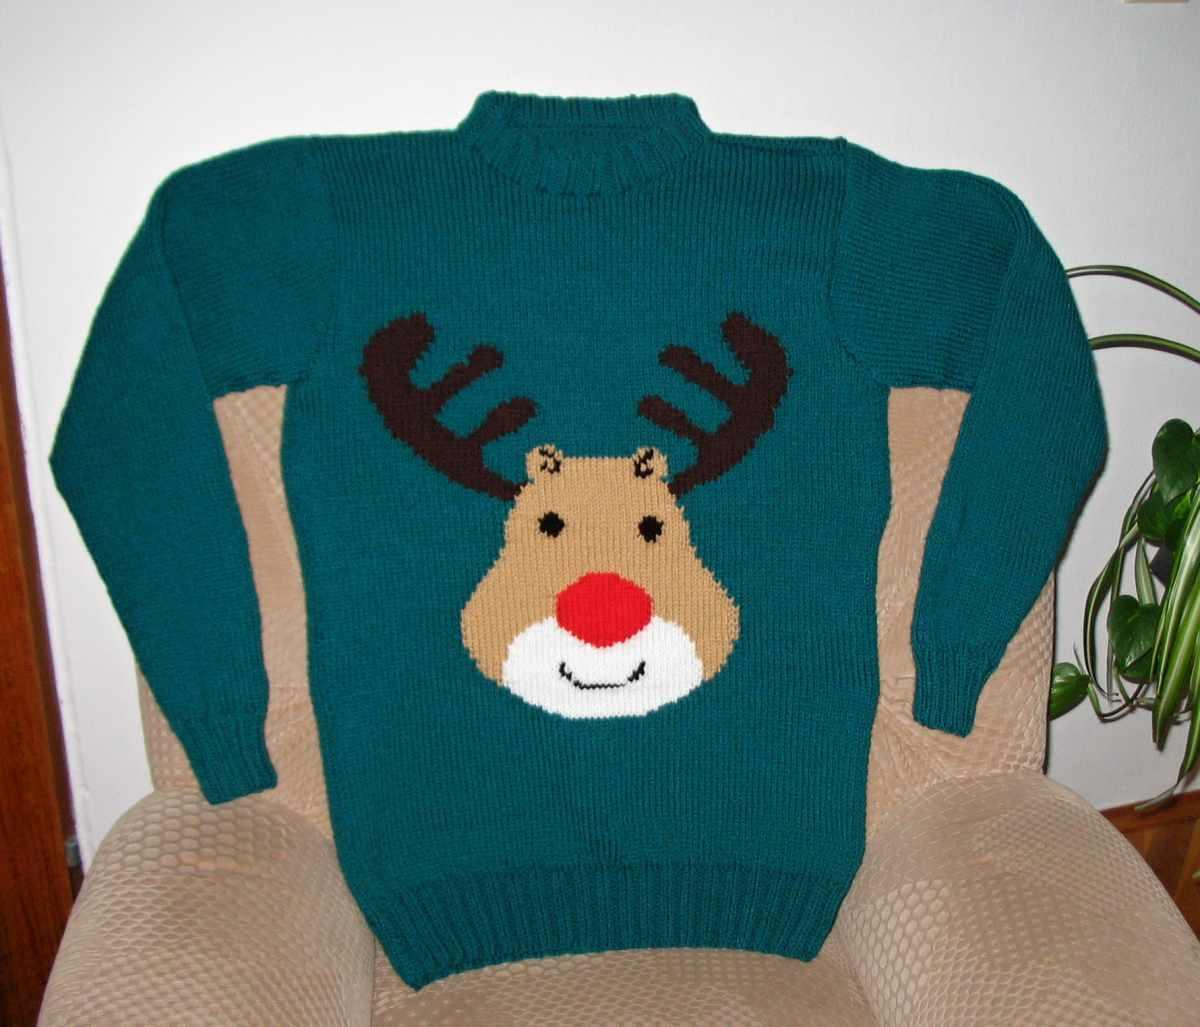 Pánský svetr se sobem na přání   Zboží prodejce Ludmílek  36029ac503